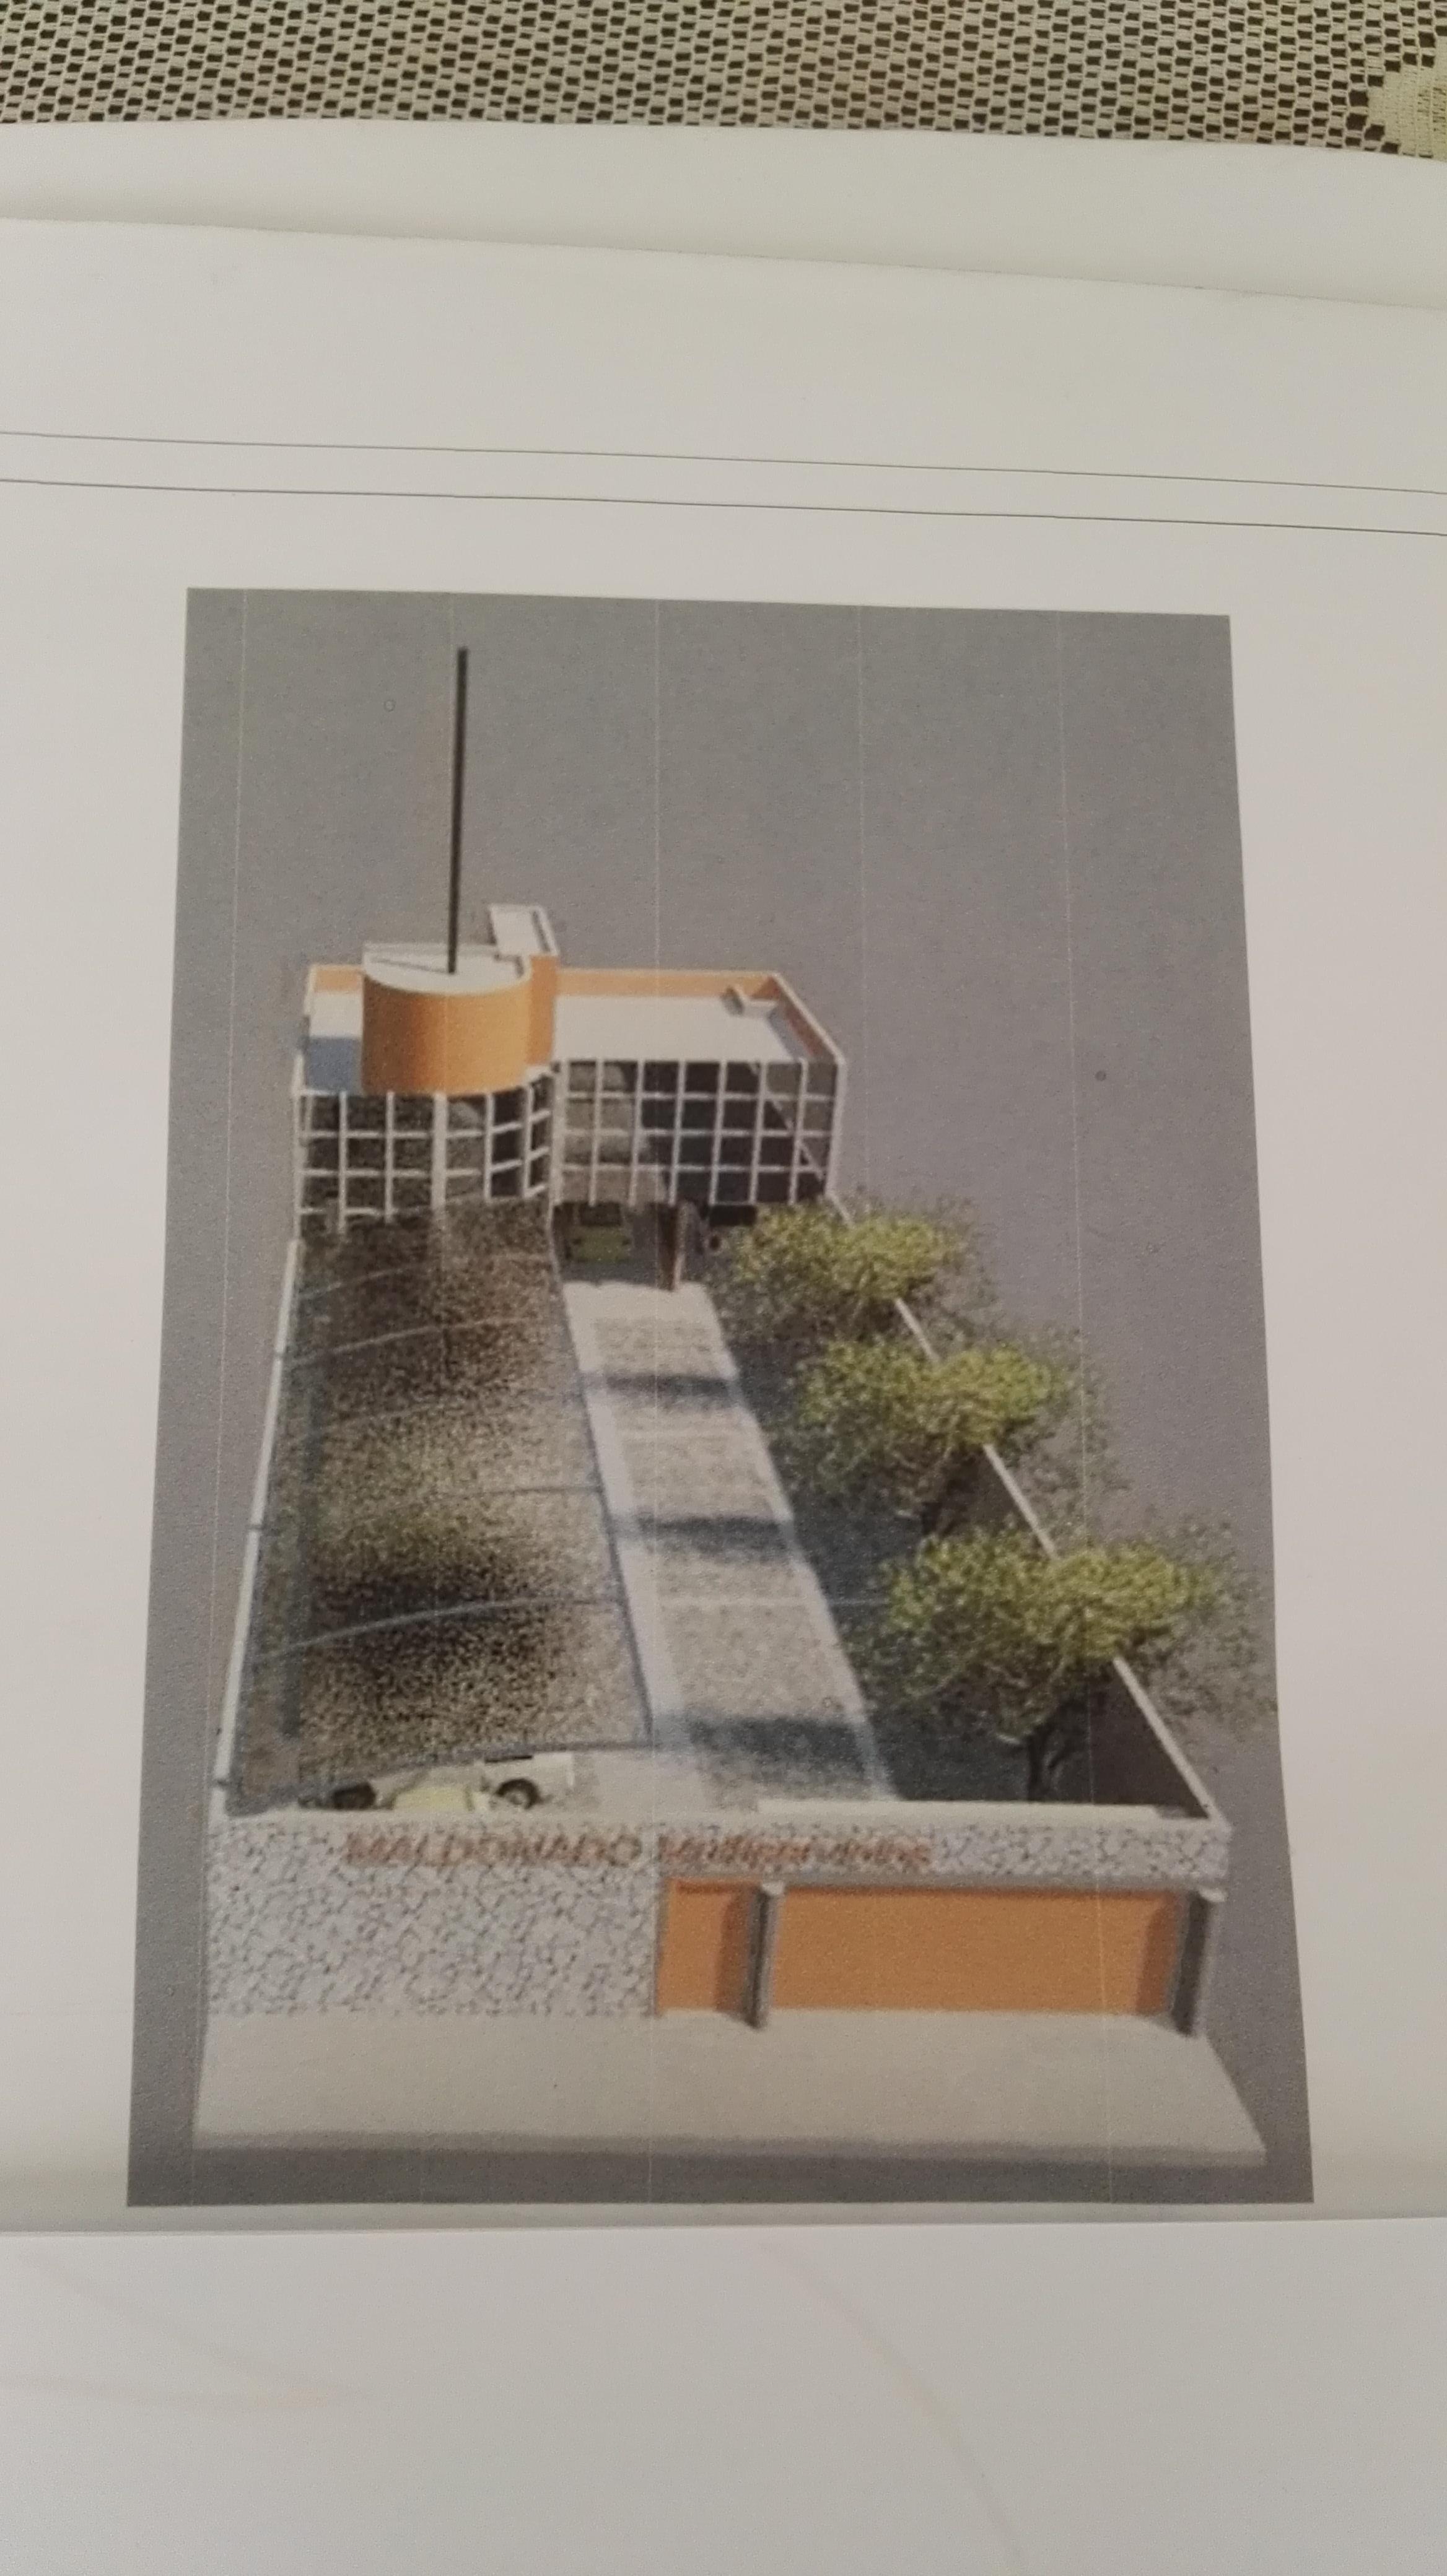 Alquiler de Local en Jose Luis Bustamante Y Rivero, Arequipa con 5 baños - vista principal